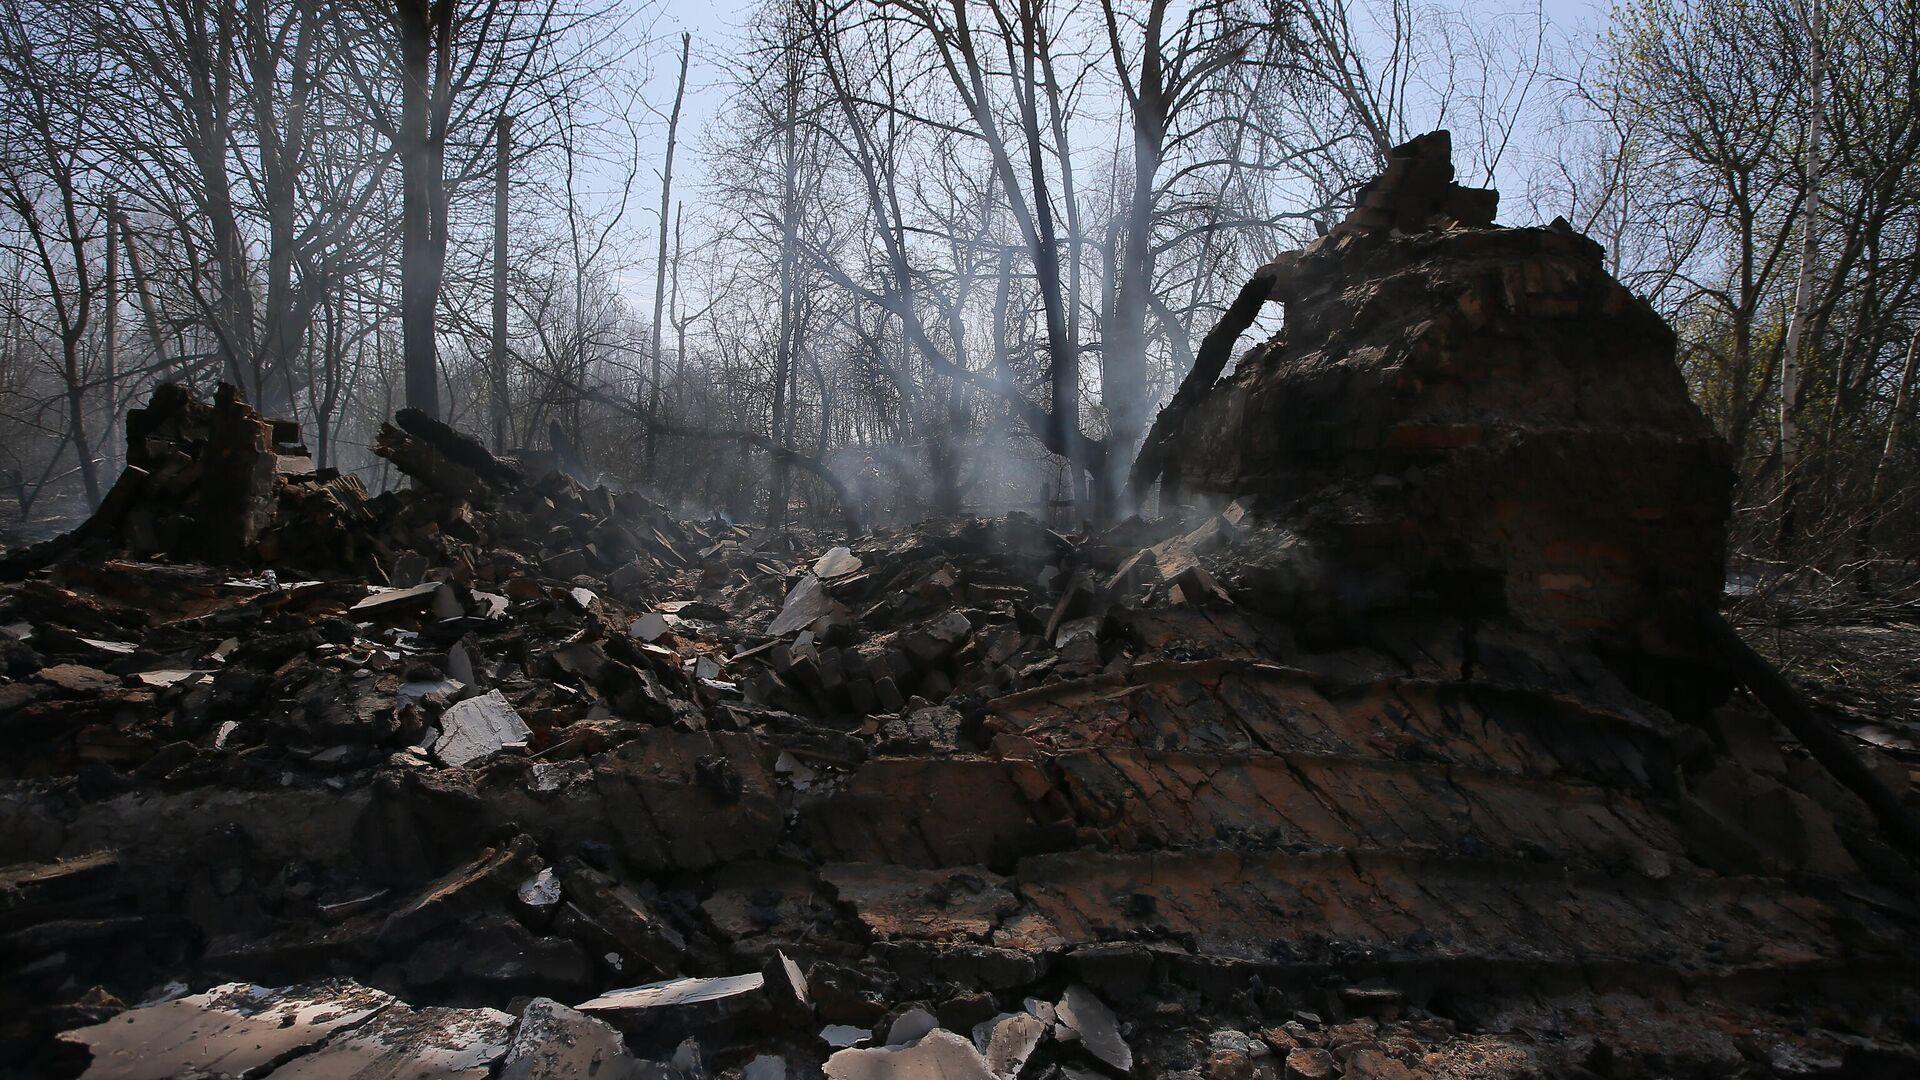 Сгоревший частный дом в результате пожара в зоне отчуждения Чернобыльской АЭС  - РИА Новости, 1920, 22.06.2020